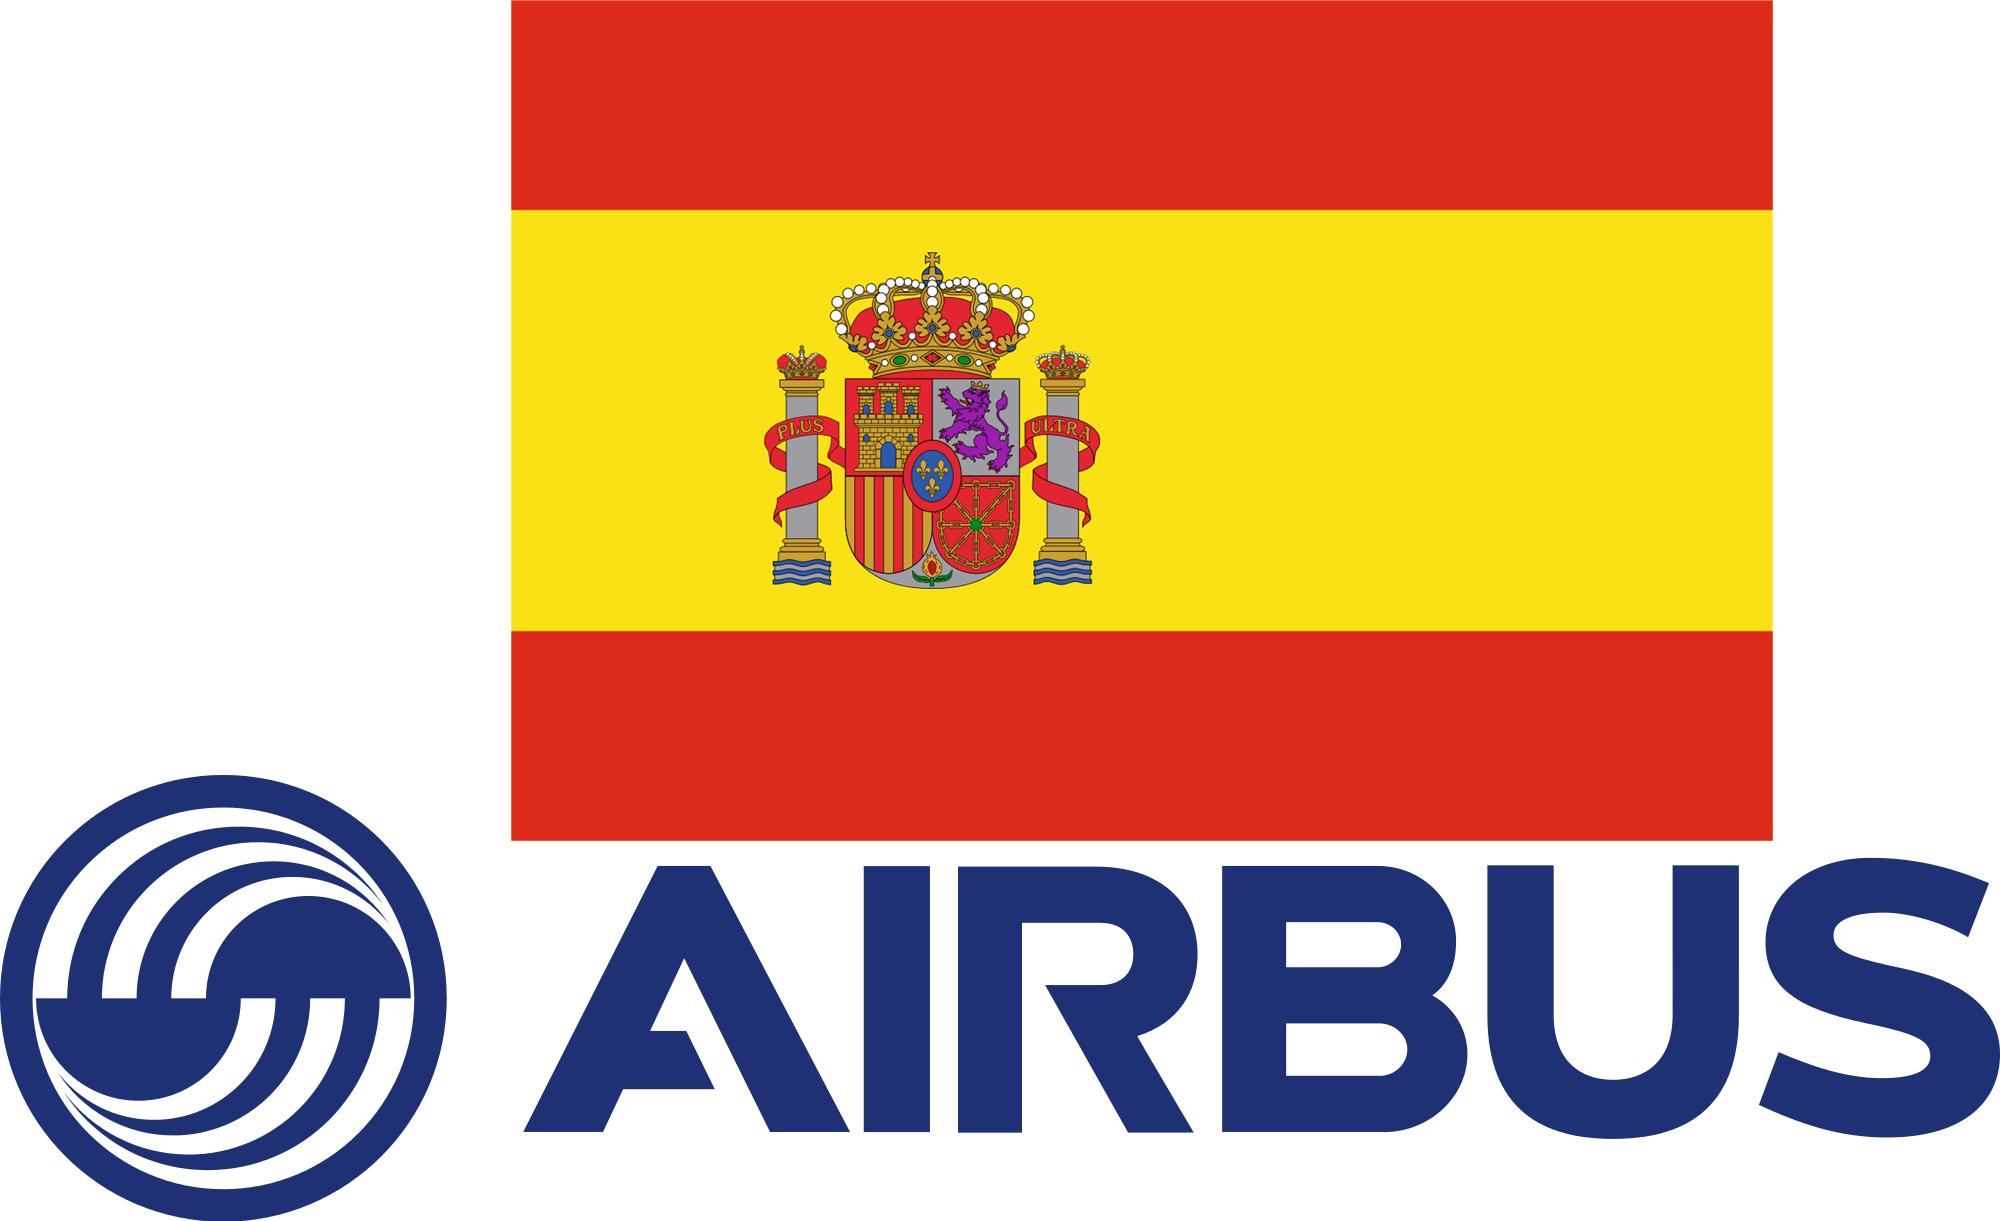 Airbus-Spain